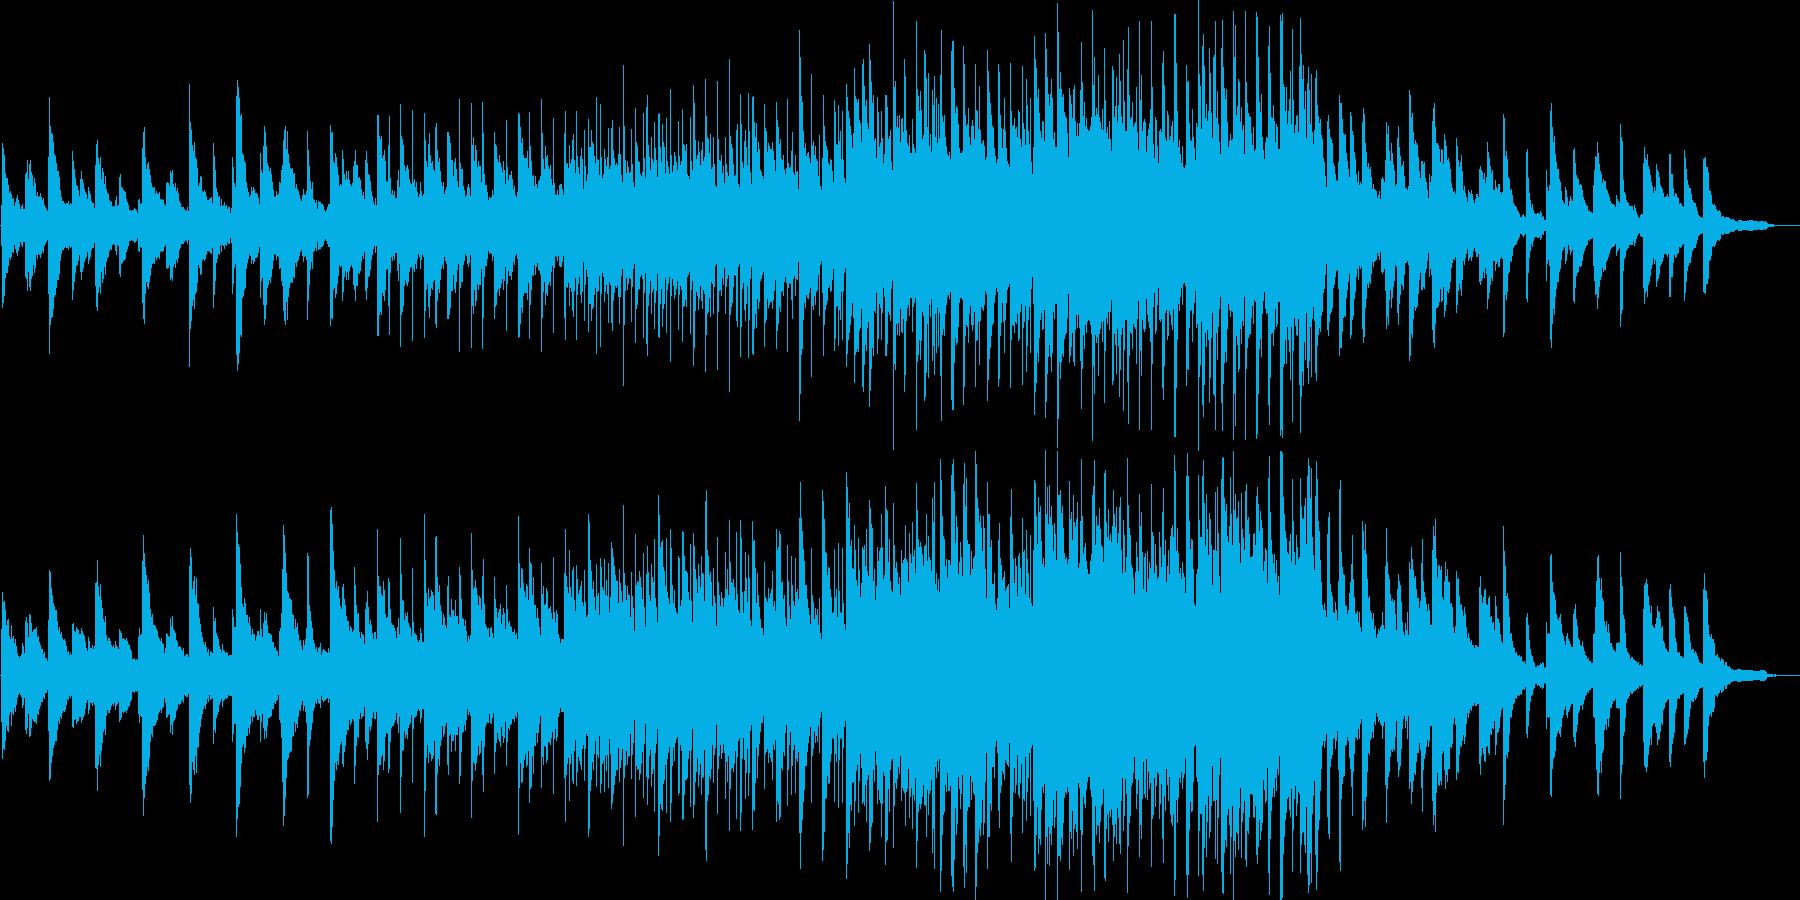 感動的・壮大・ピアノ・イベント・映像用の再生済みの波形